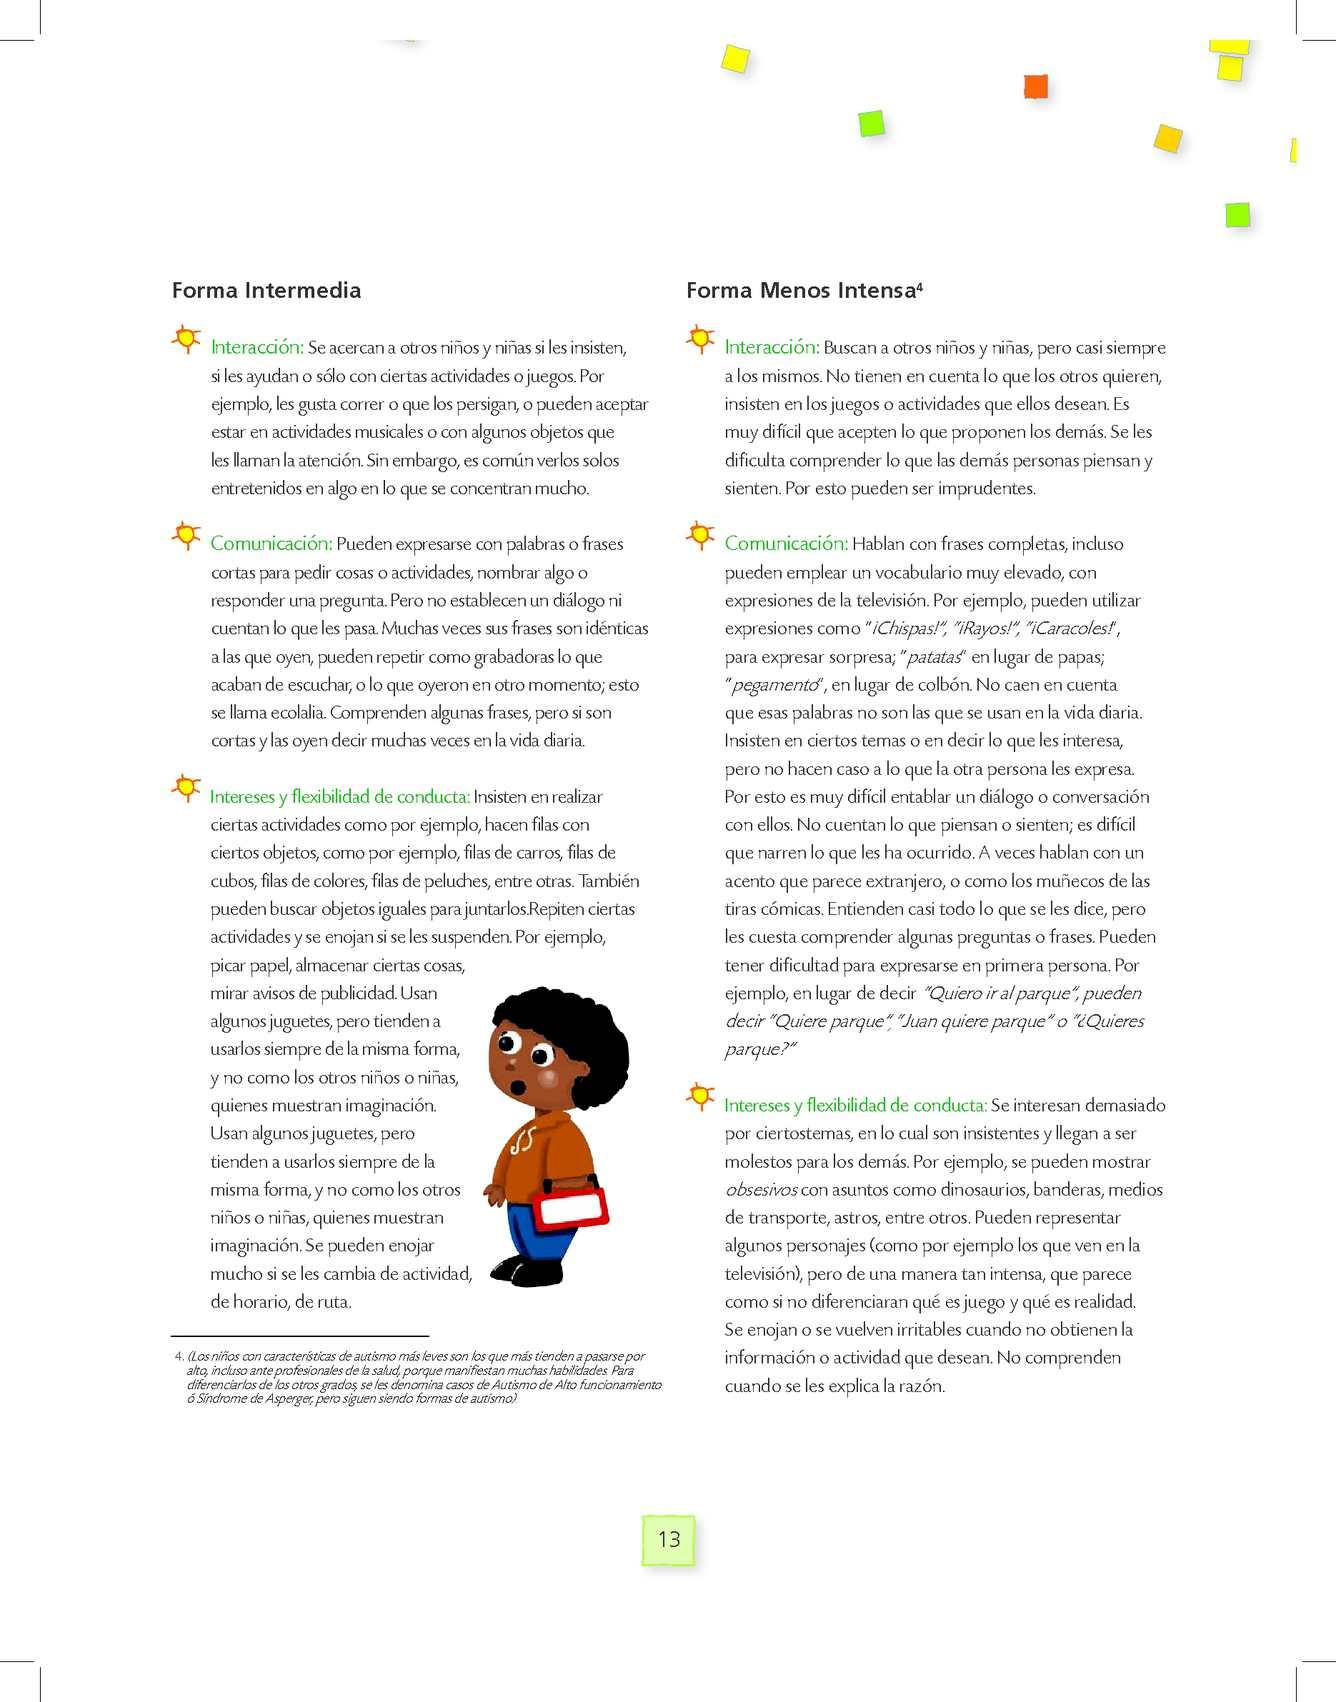 niños autistas leves caracteristicas